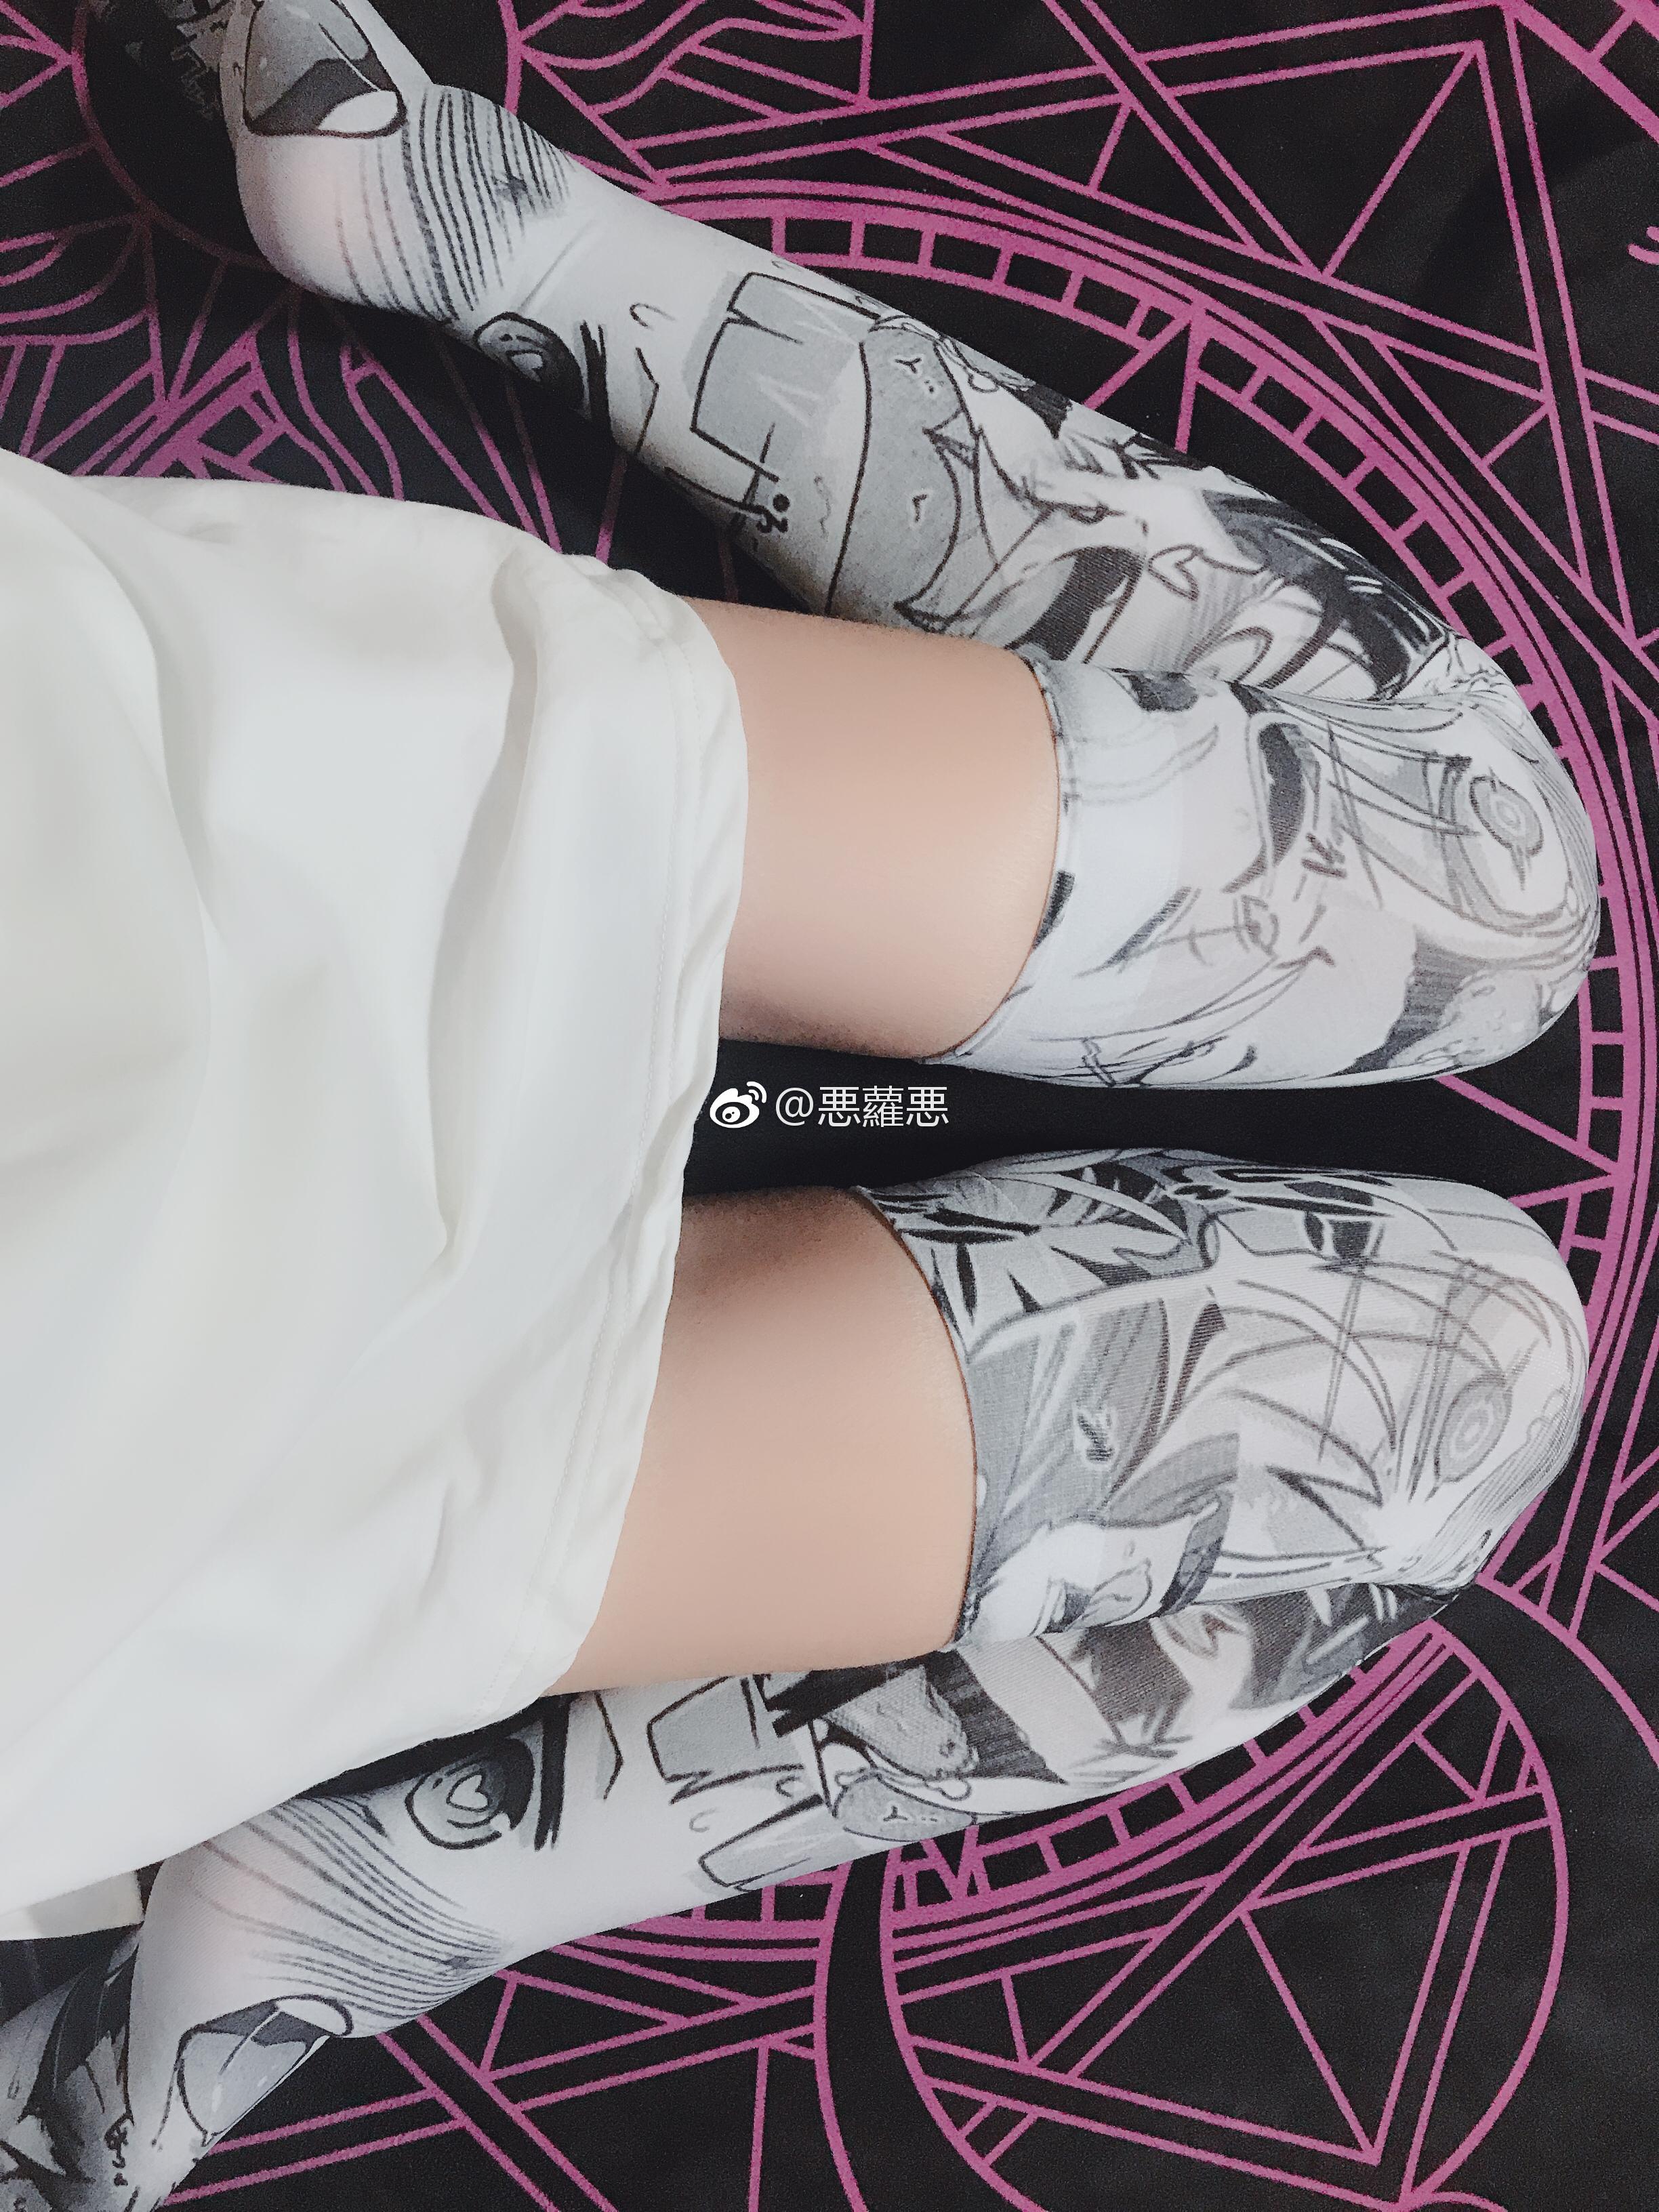 微博妹子@悪蘿悪的二次元裤袜(含动图)(5P)